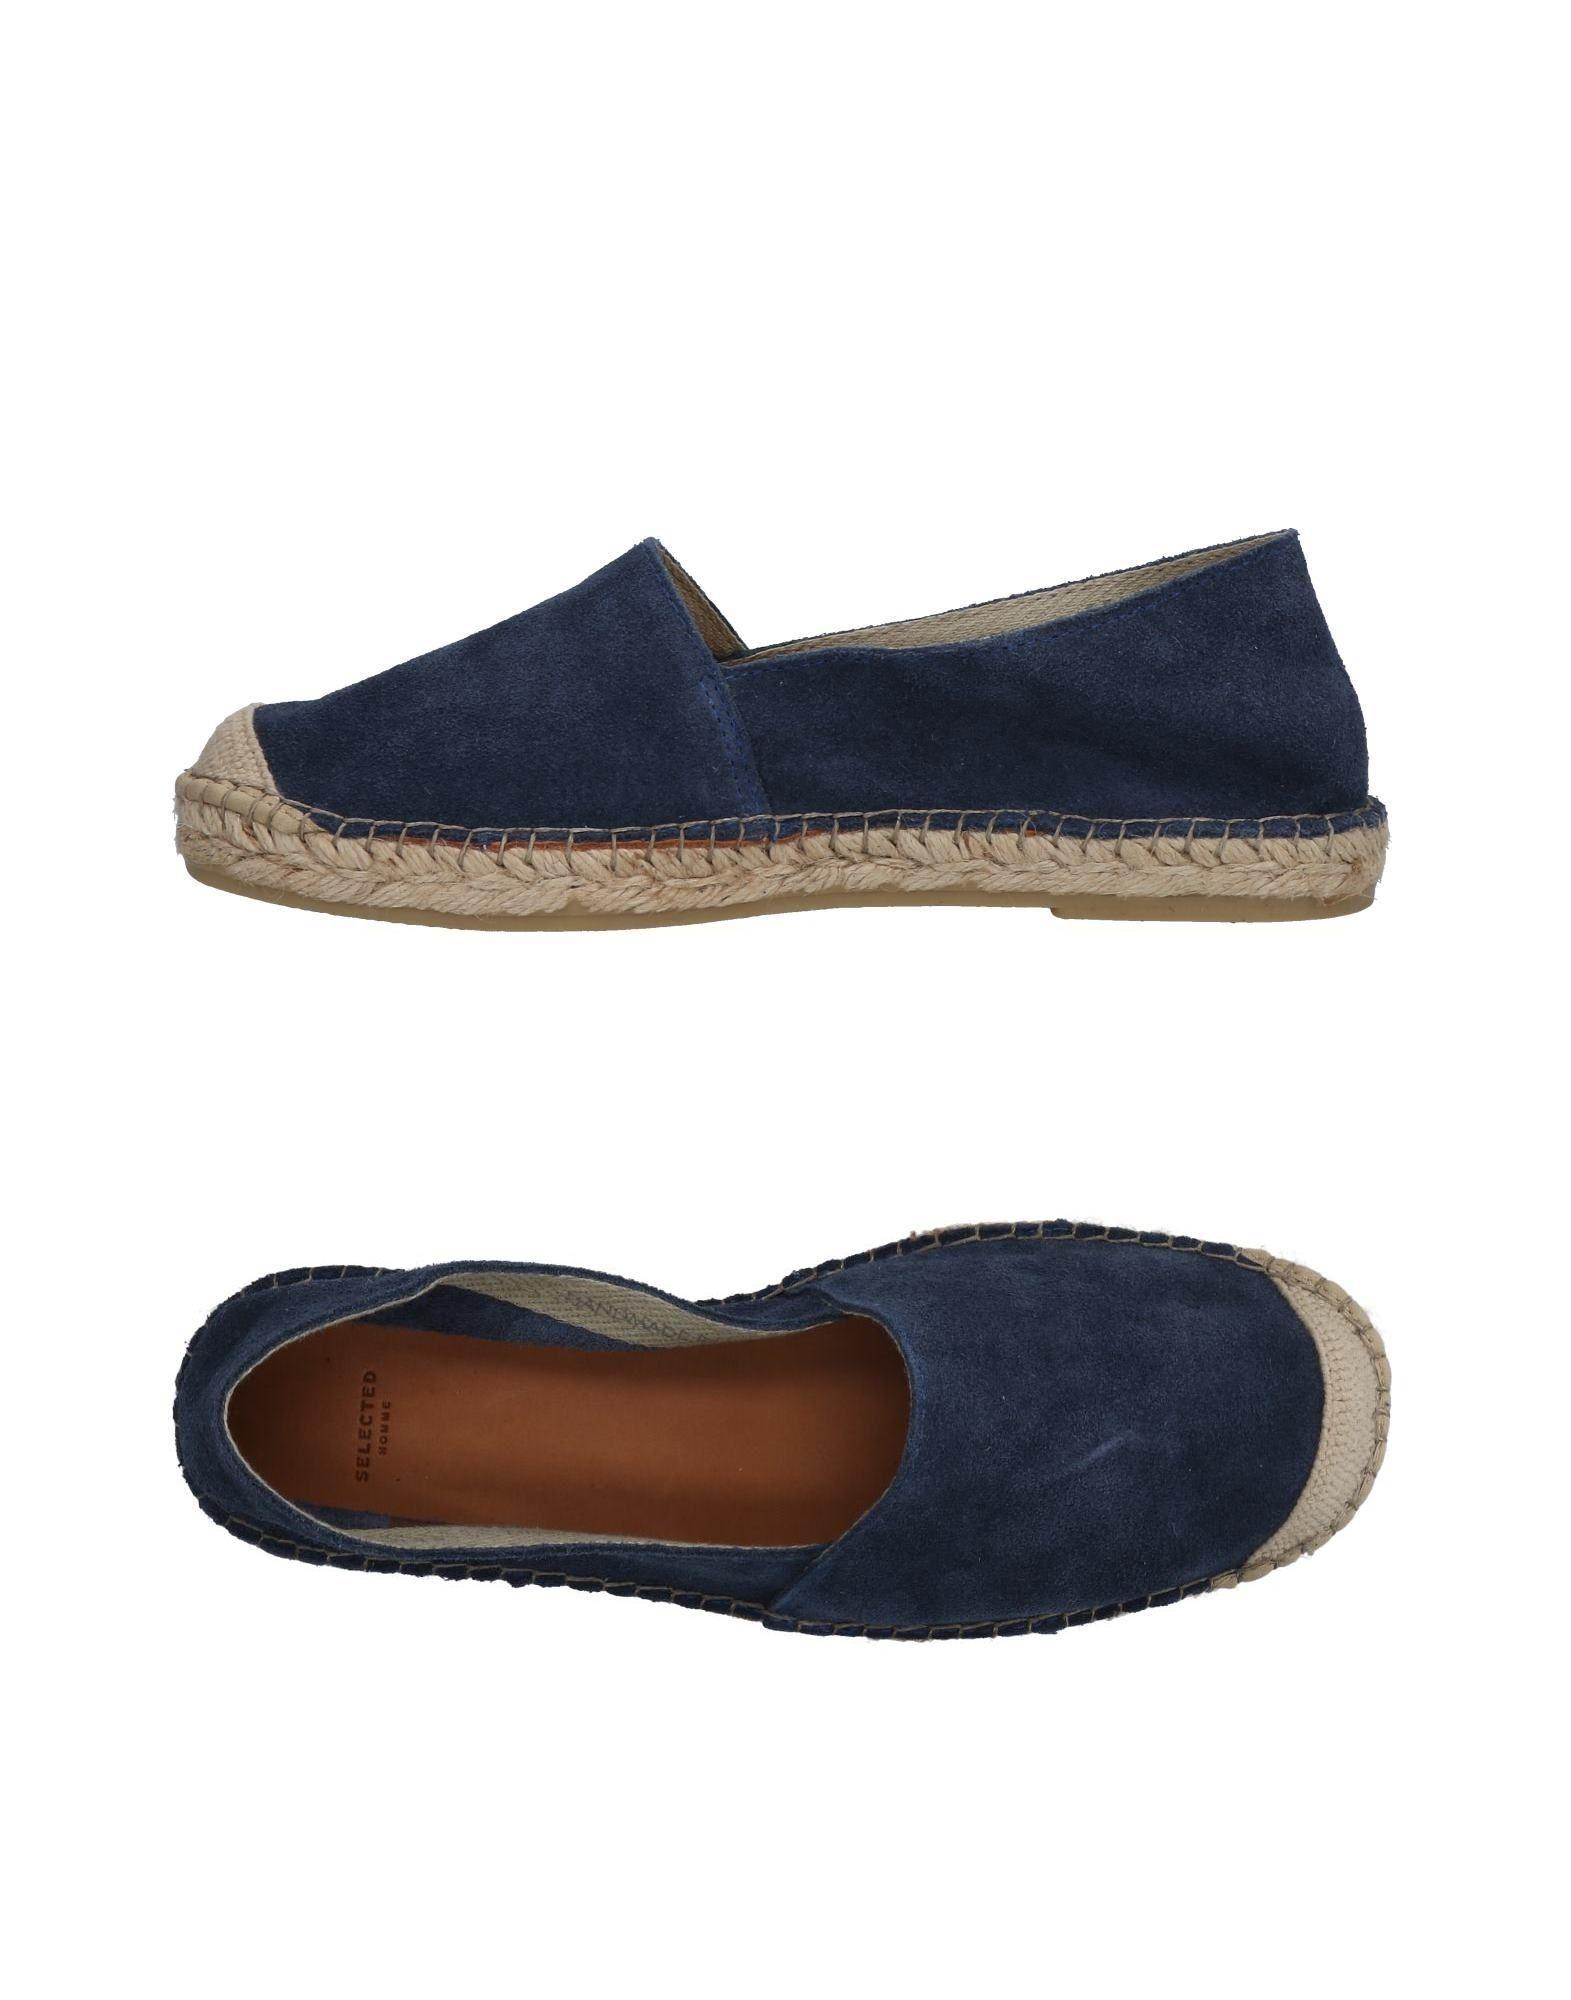 Sneakers 2Star Donna - 11274600FP Scarpe economiche e buone